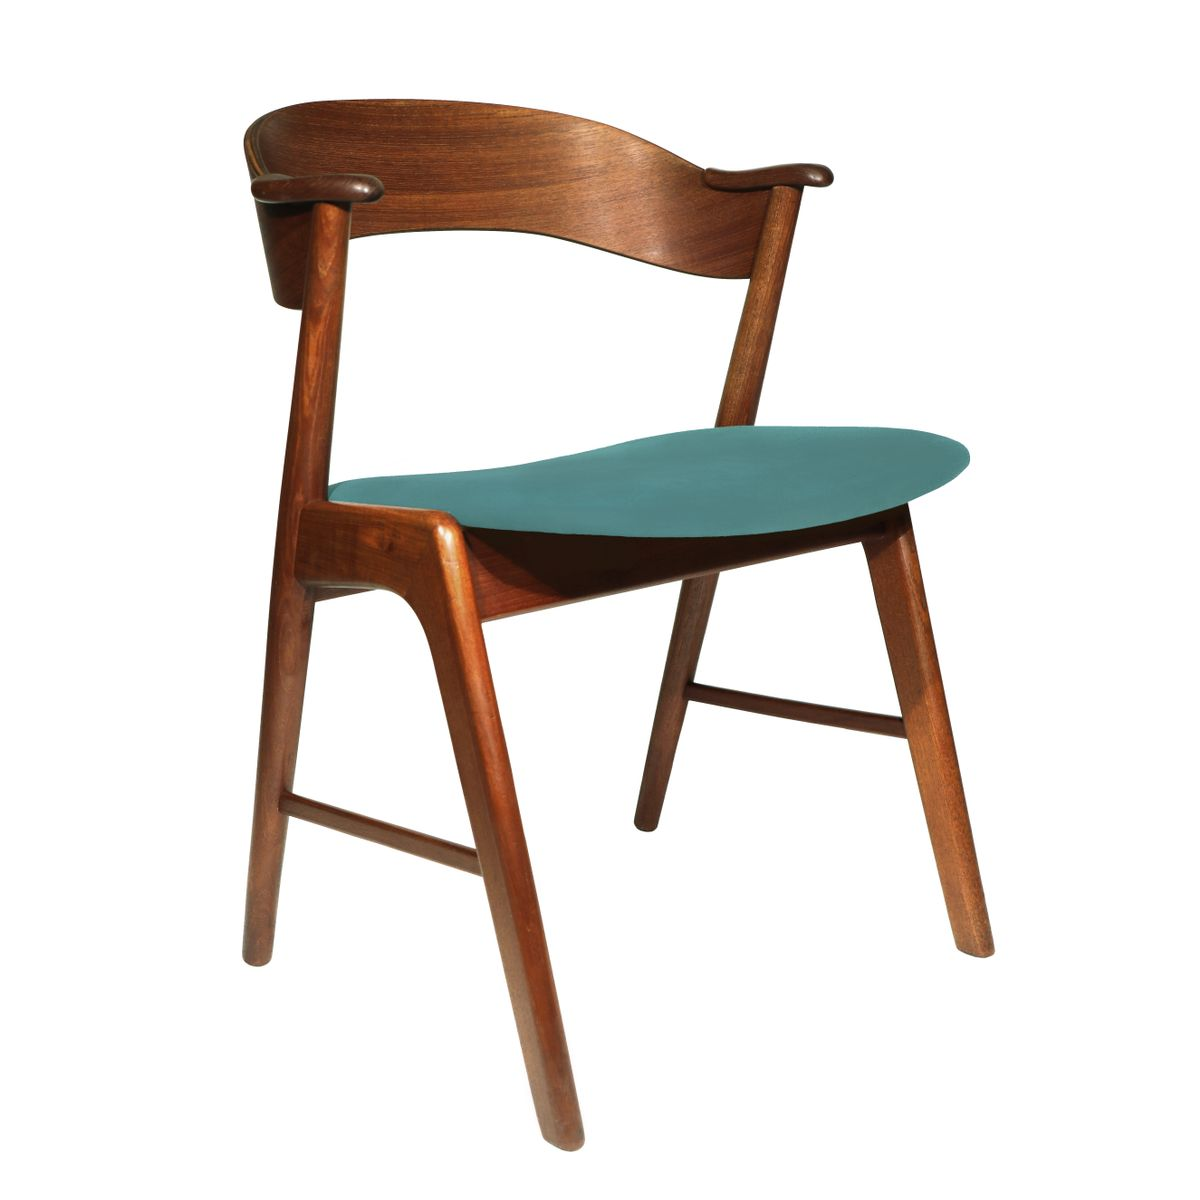 D nischer mid century modell 32 stuhl von kai kristiansen f r schou andersen 1960er bei pamono - Mid century stuhl ...